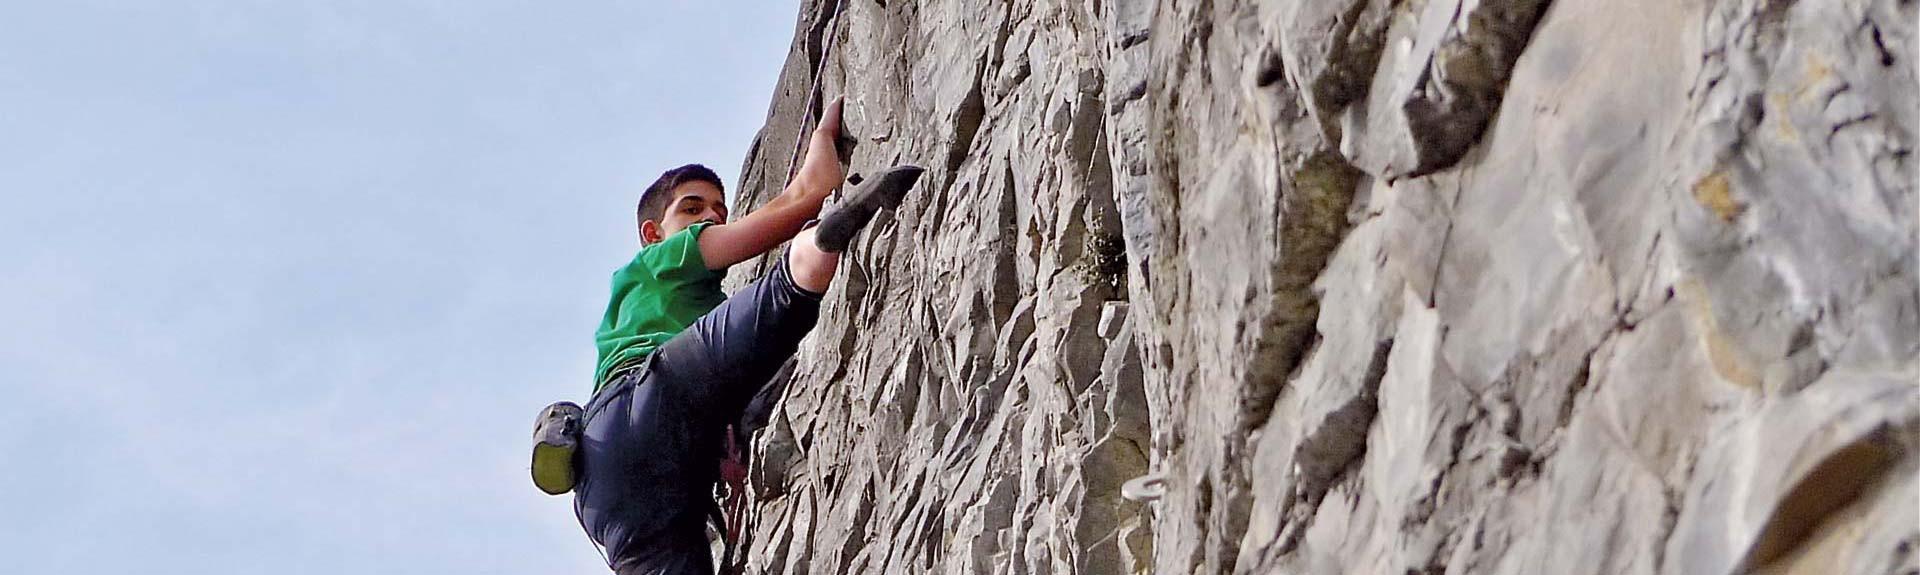 Escalade, Alpinisme